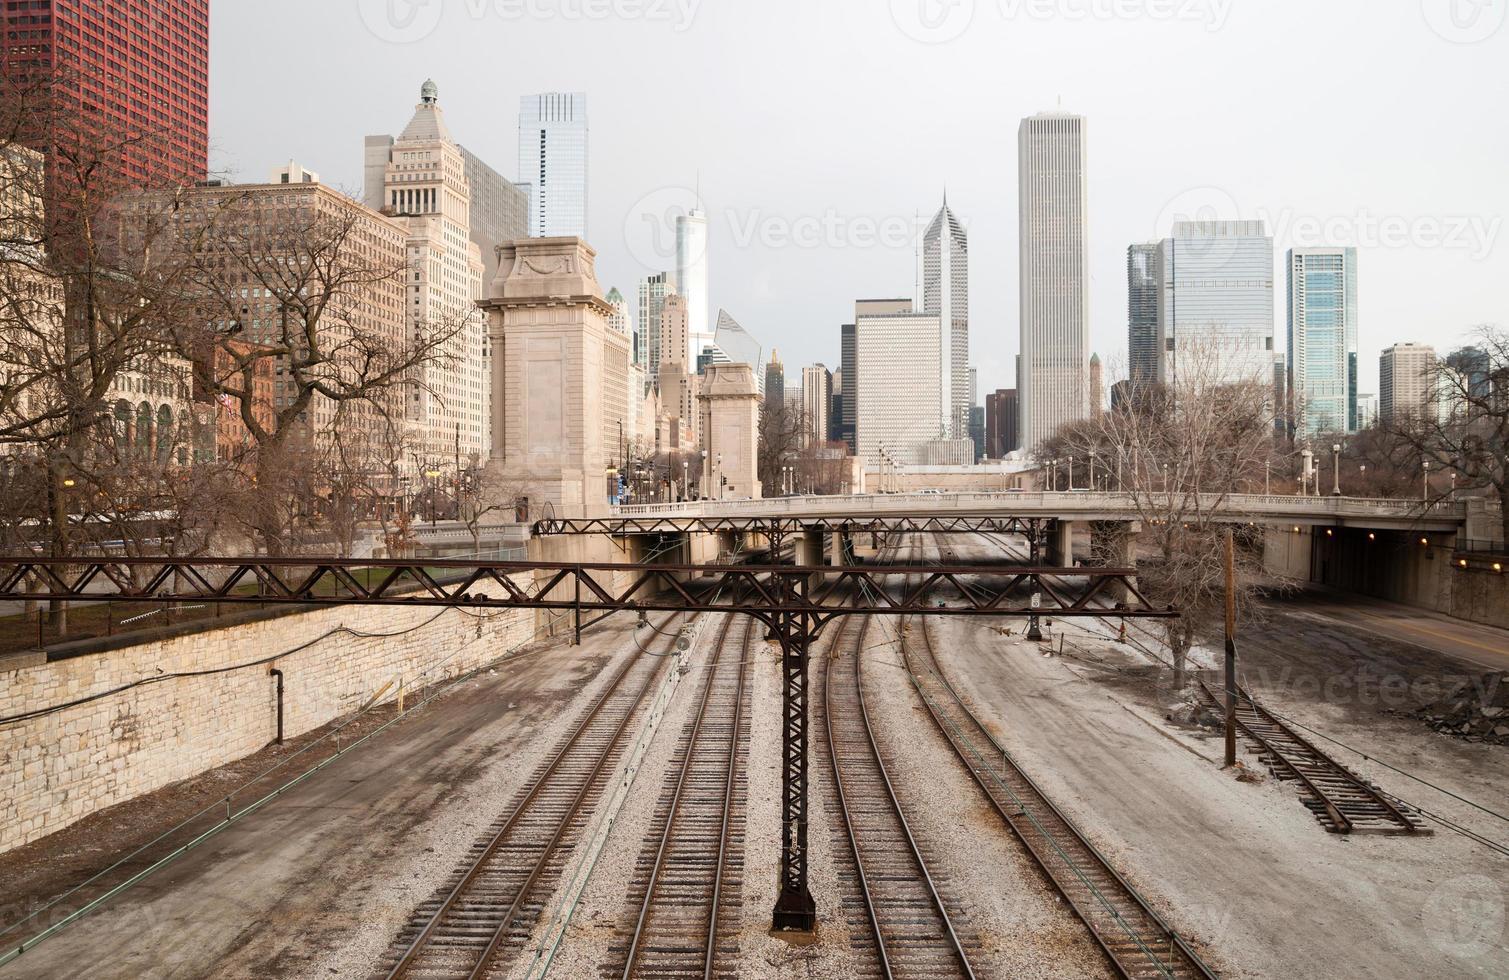 treno della ferrovia tracce ferrovie downtown chicago skyline trasporto foto